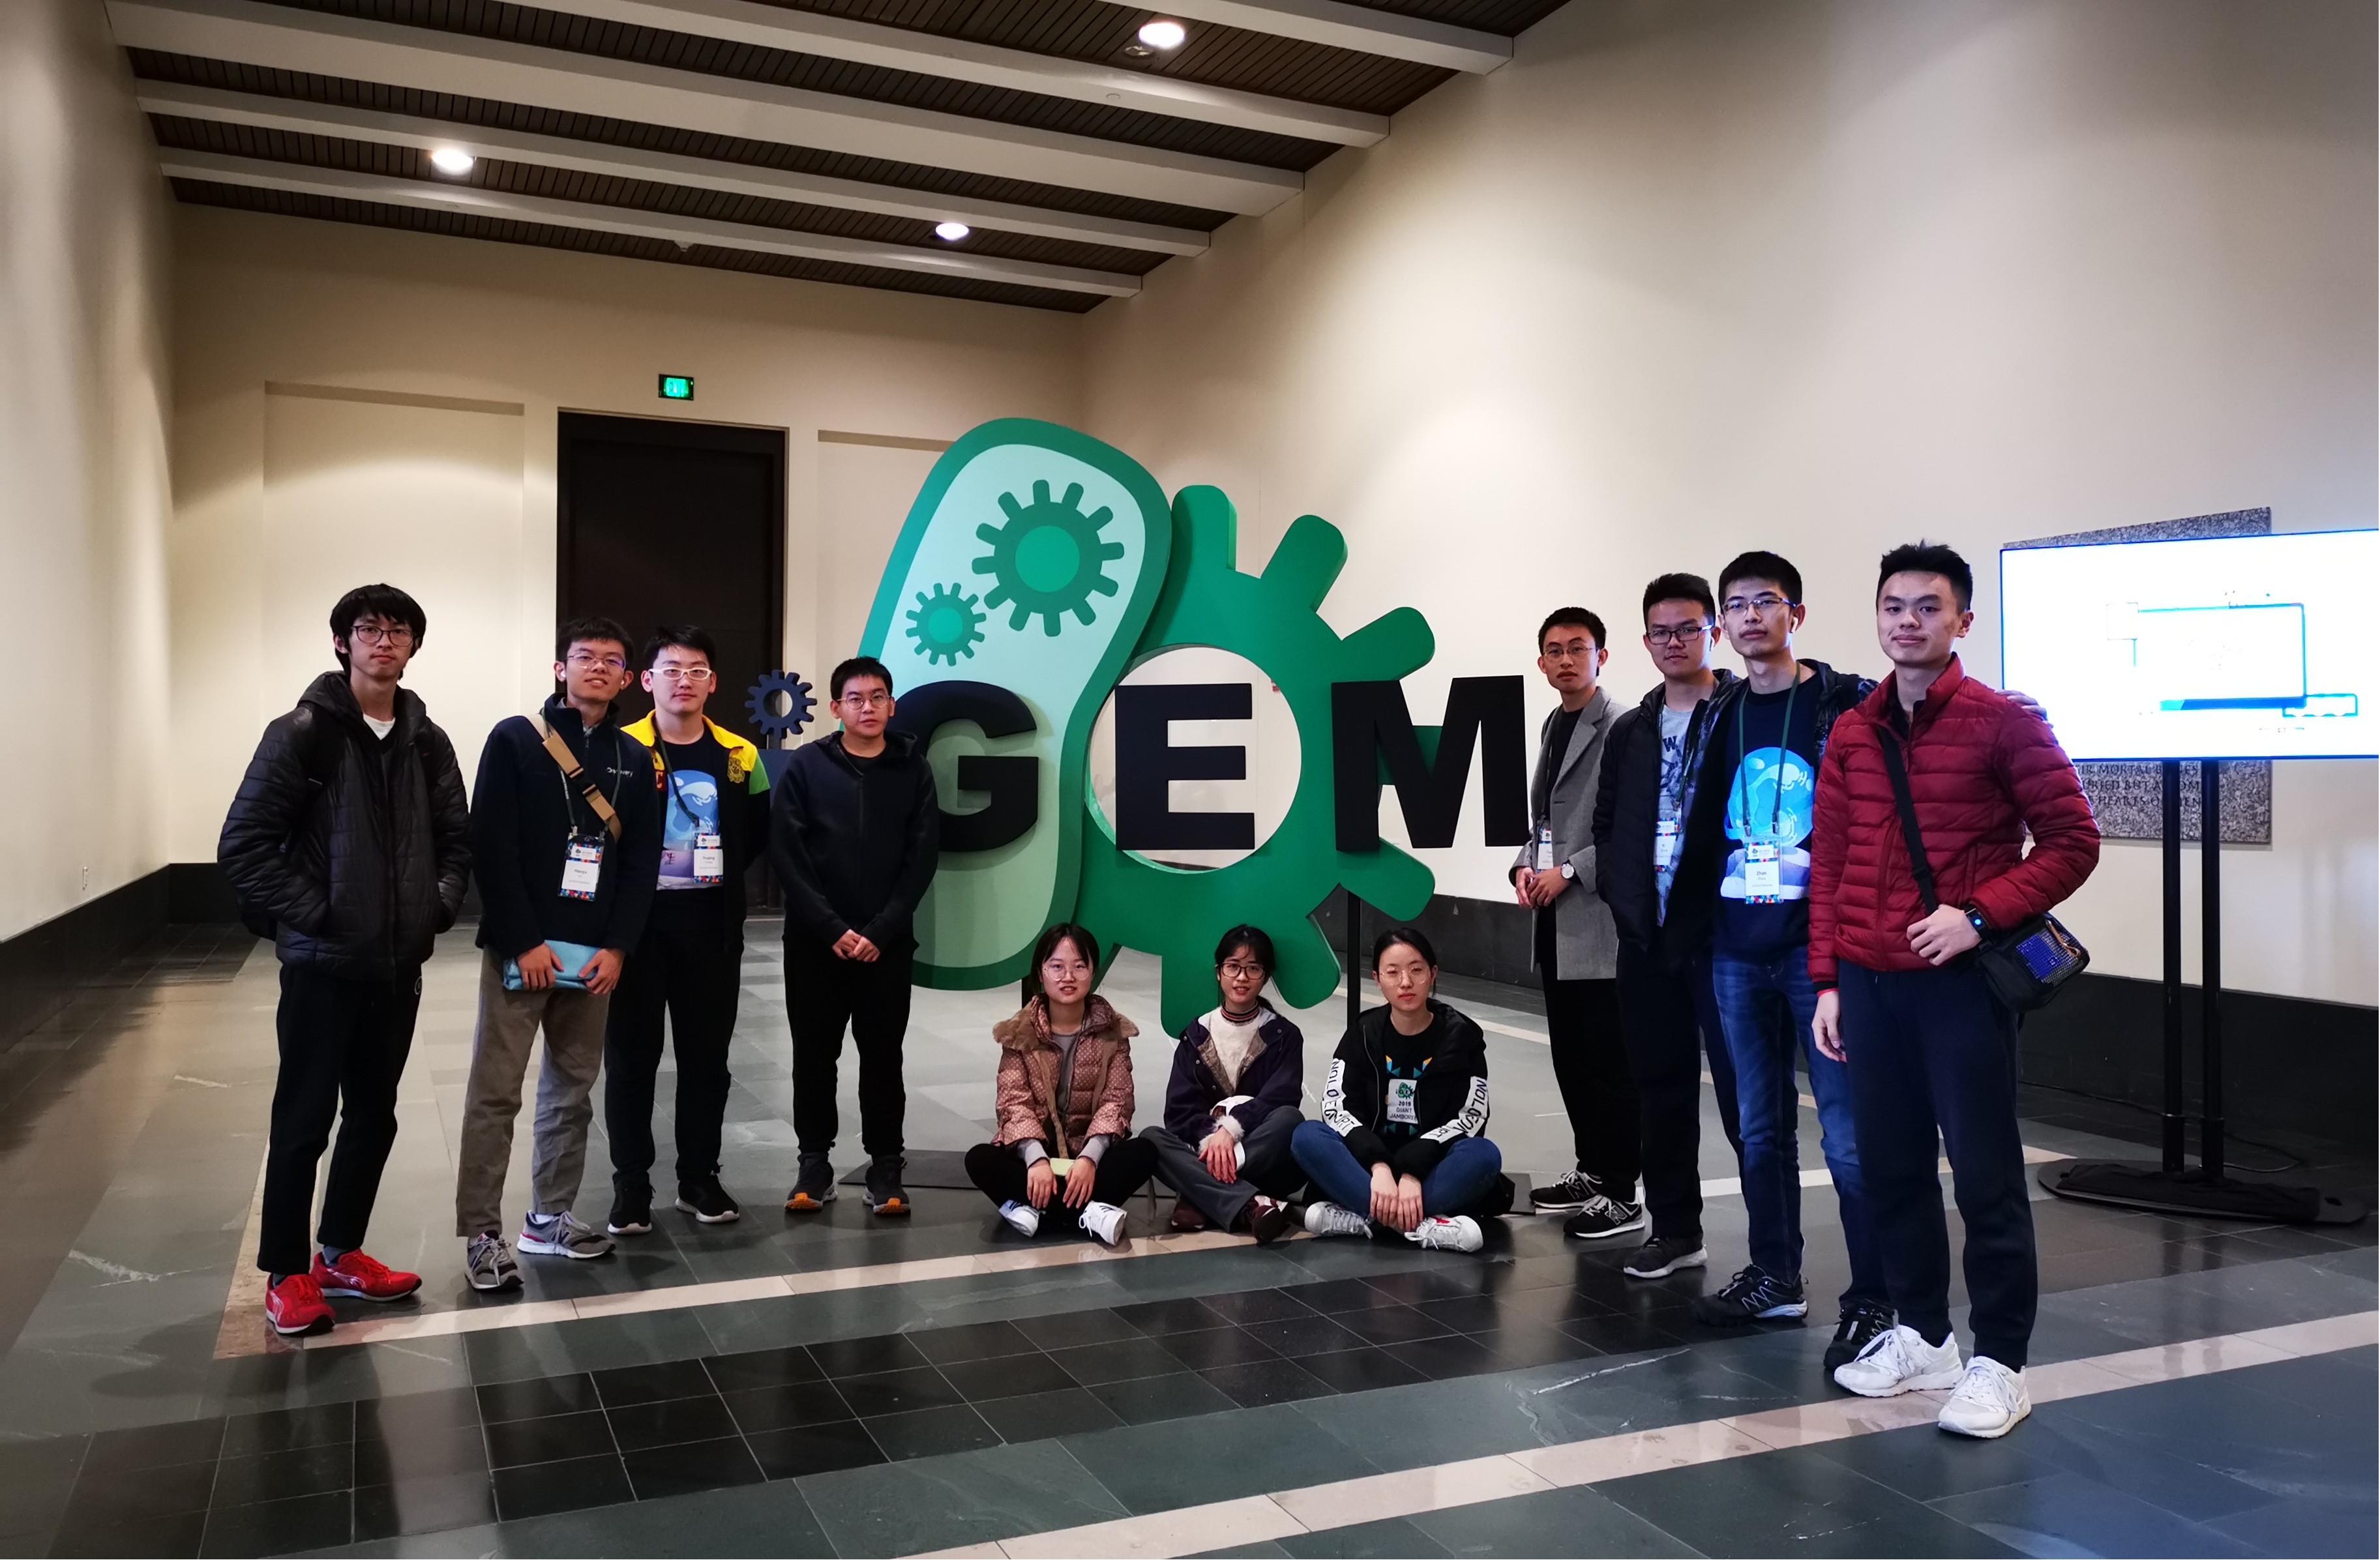 生物系学子再次摘得国际基因机器工程(iGEM)大赛金奖